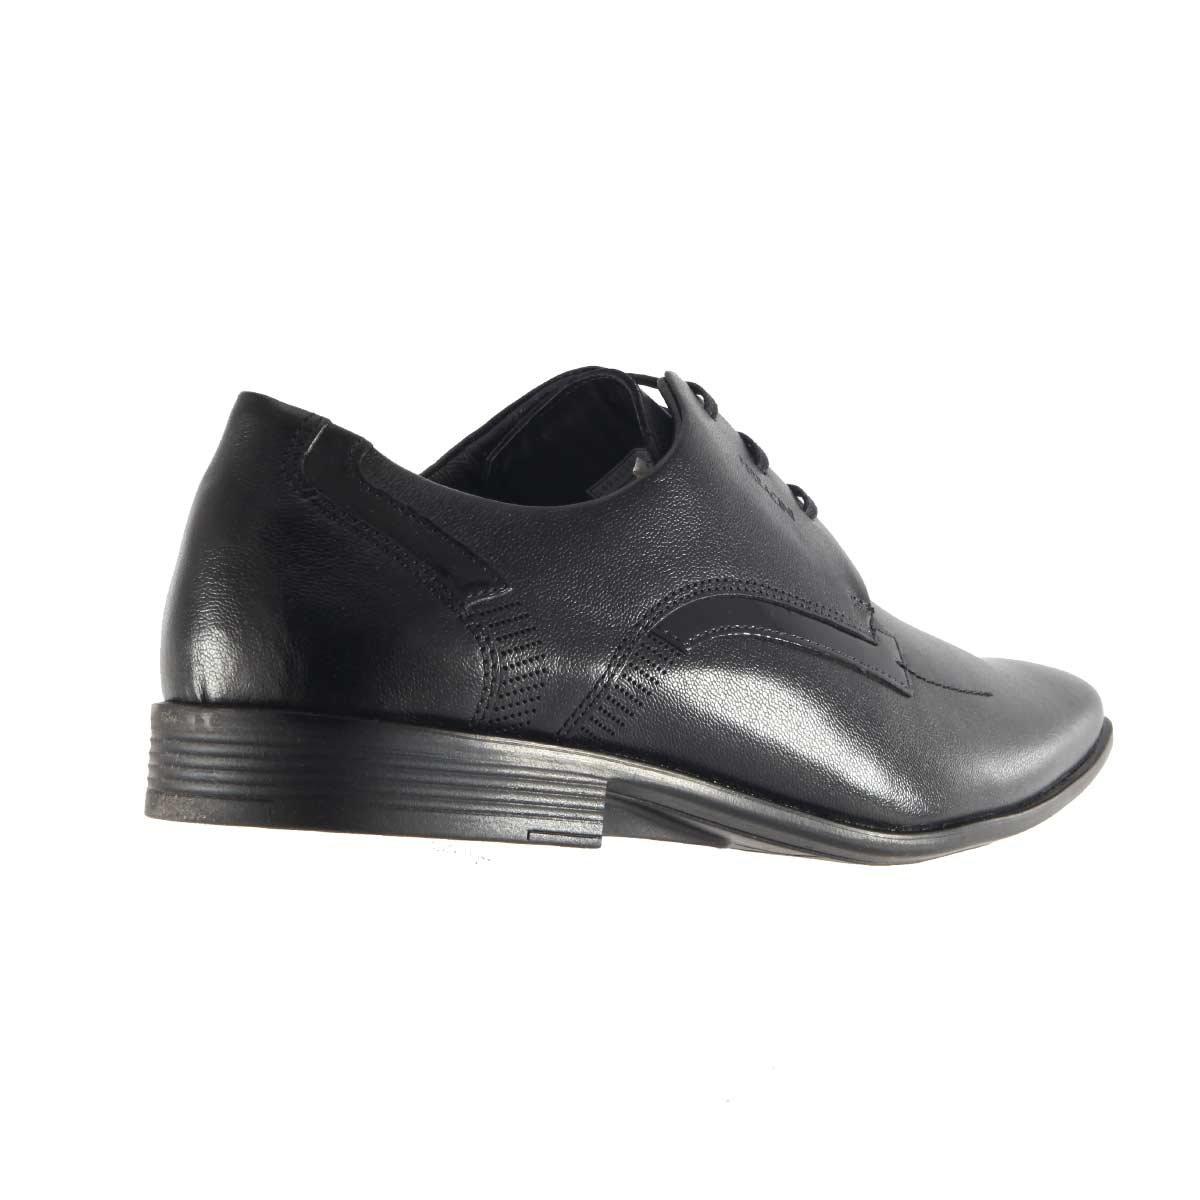 Ferracini Ferracini Sapato Sapato flex Preto flex flex Ferracini Preto Sapato 0qTpxC0w